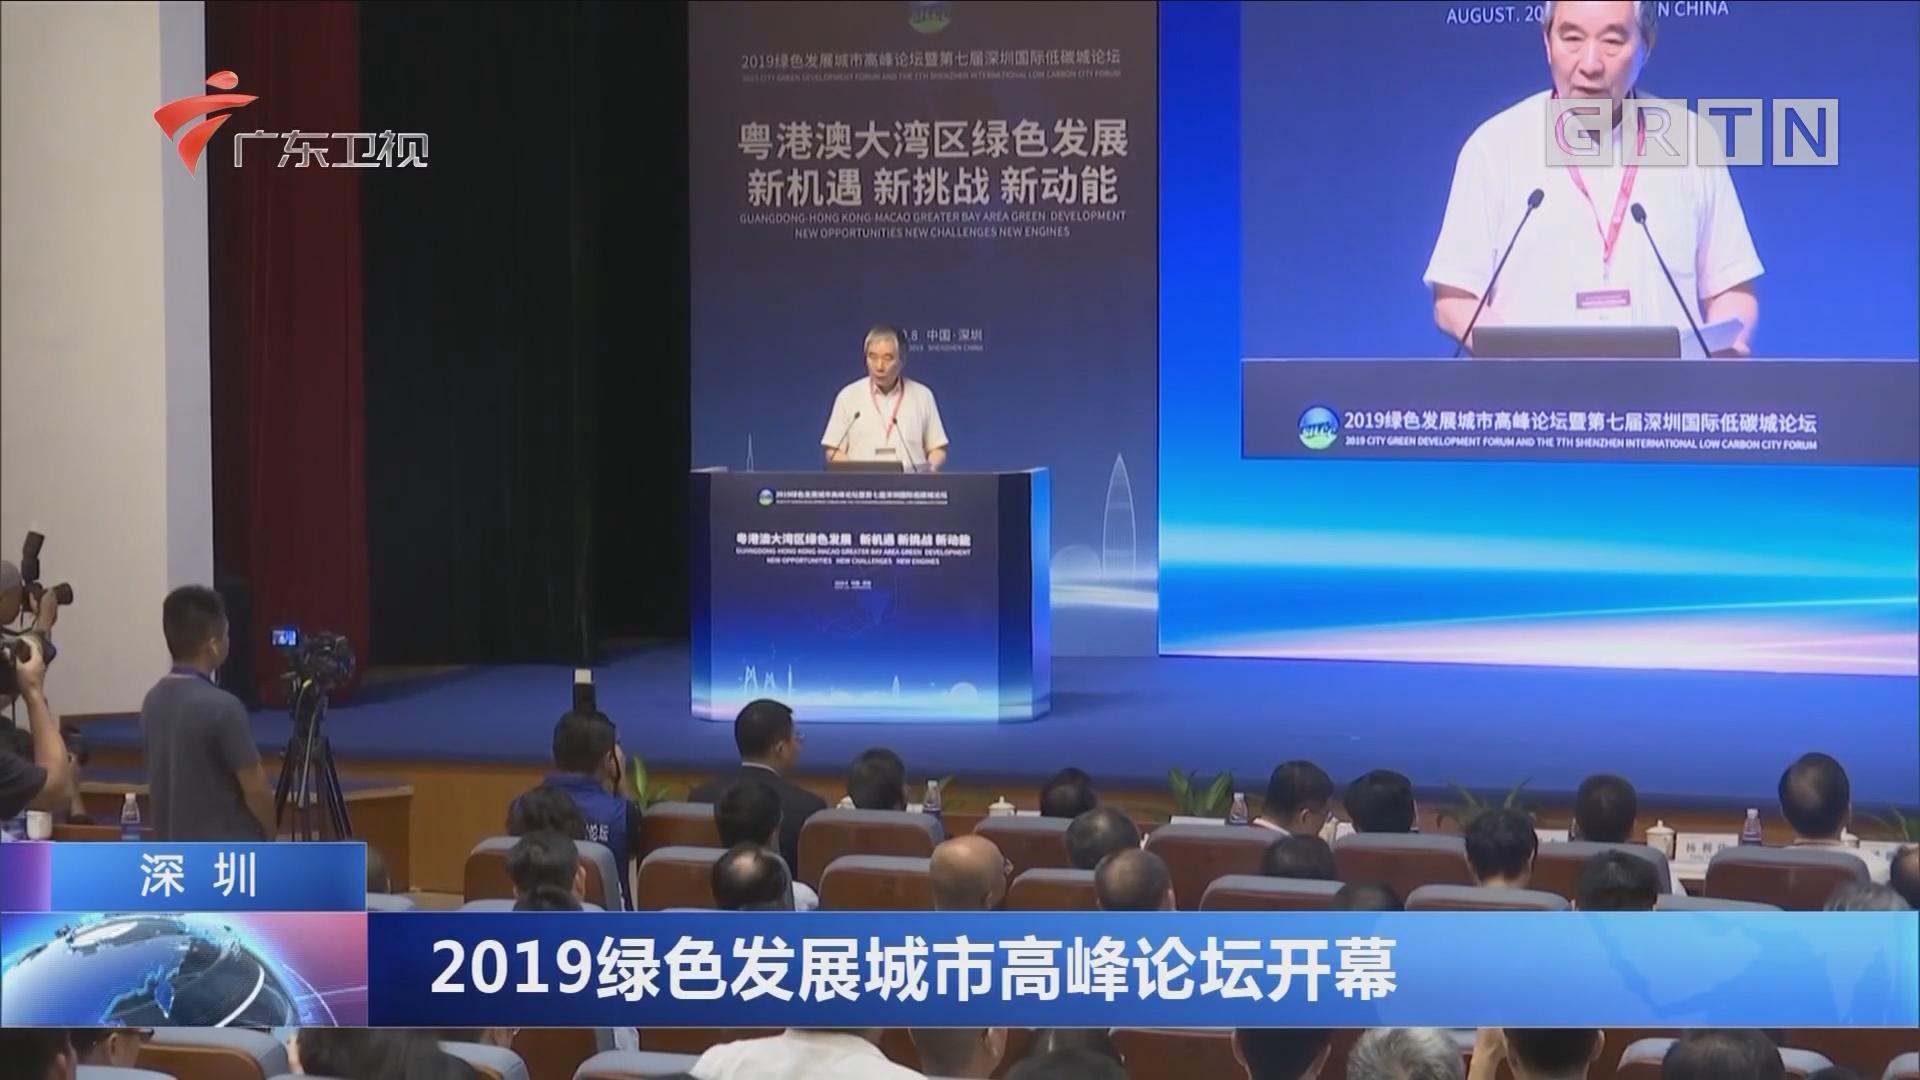 2019绿色发展城市高峰论坛开幕